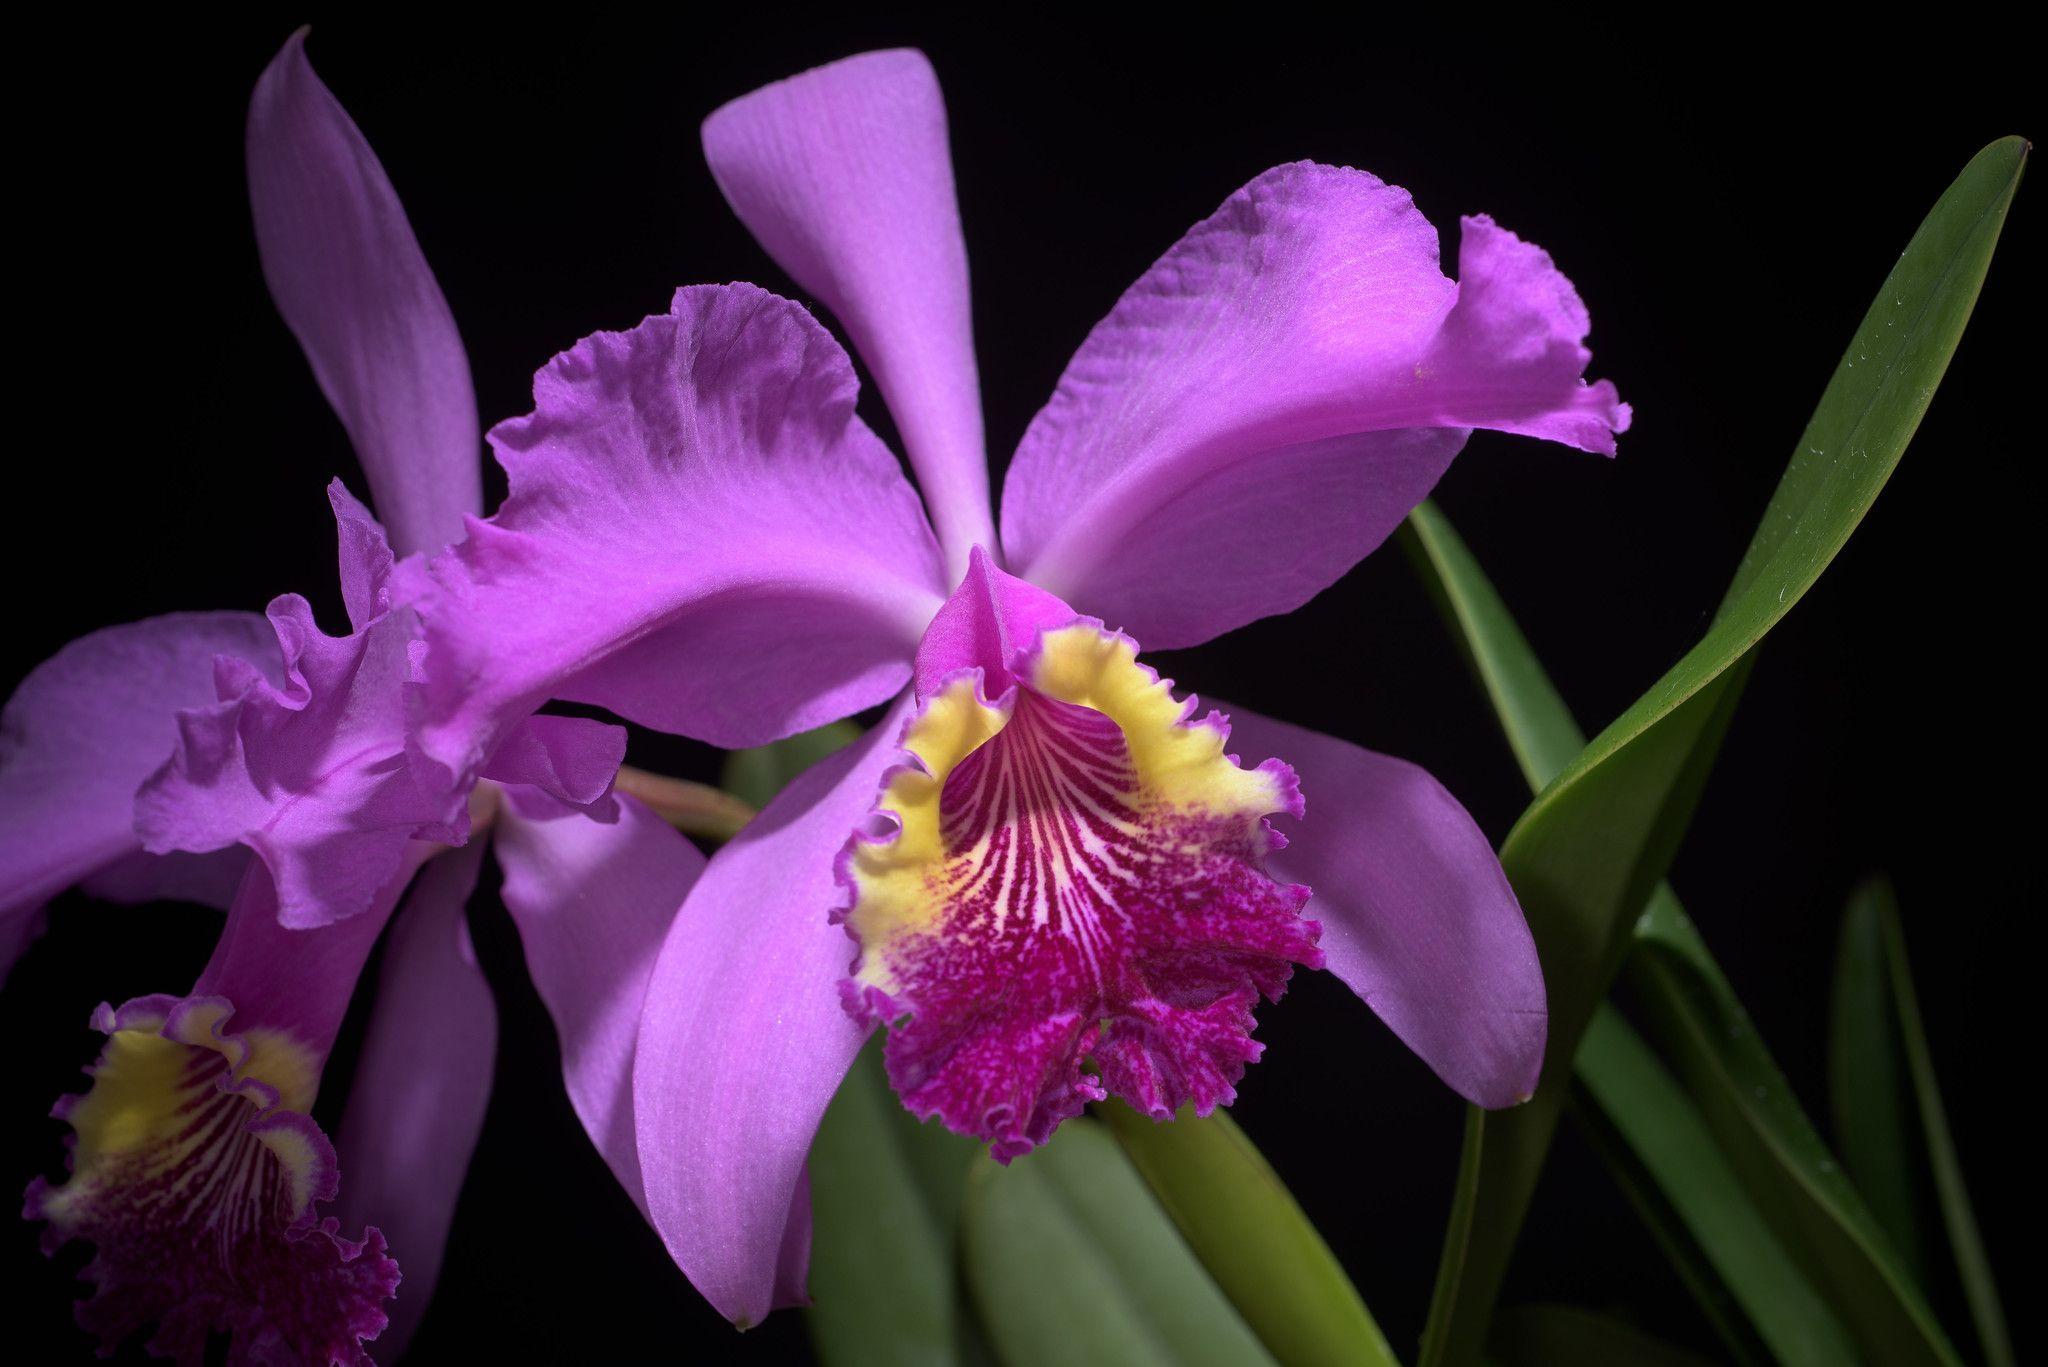 Cattleya Lueddemanniana Ok 2 Og Rchb F Xenia Orchid 1 29 1854 Orchids Cattleya Beautiful Orchids